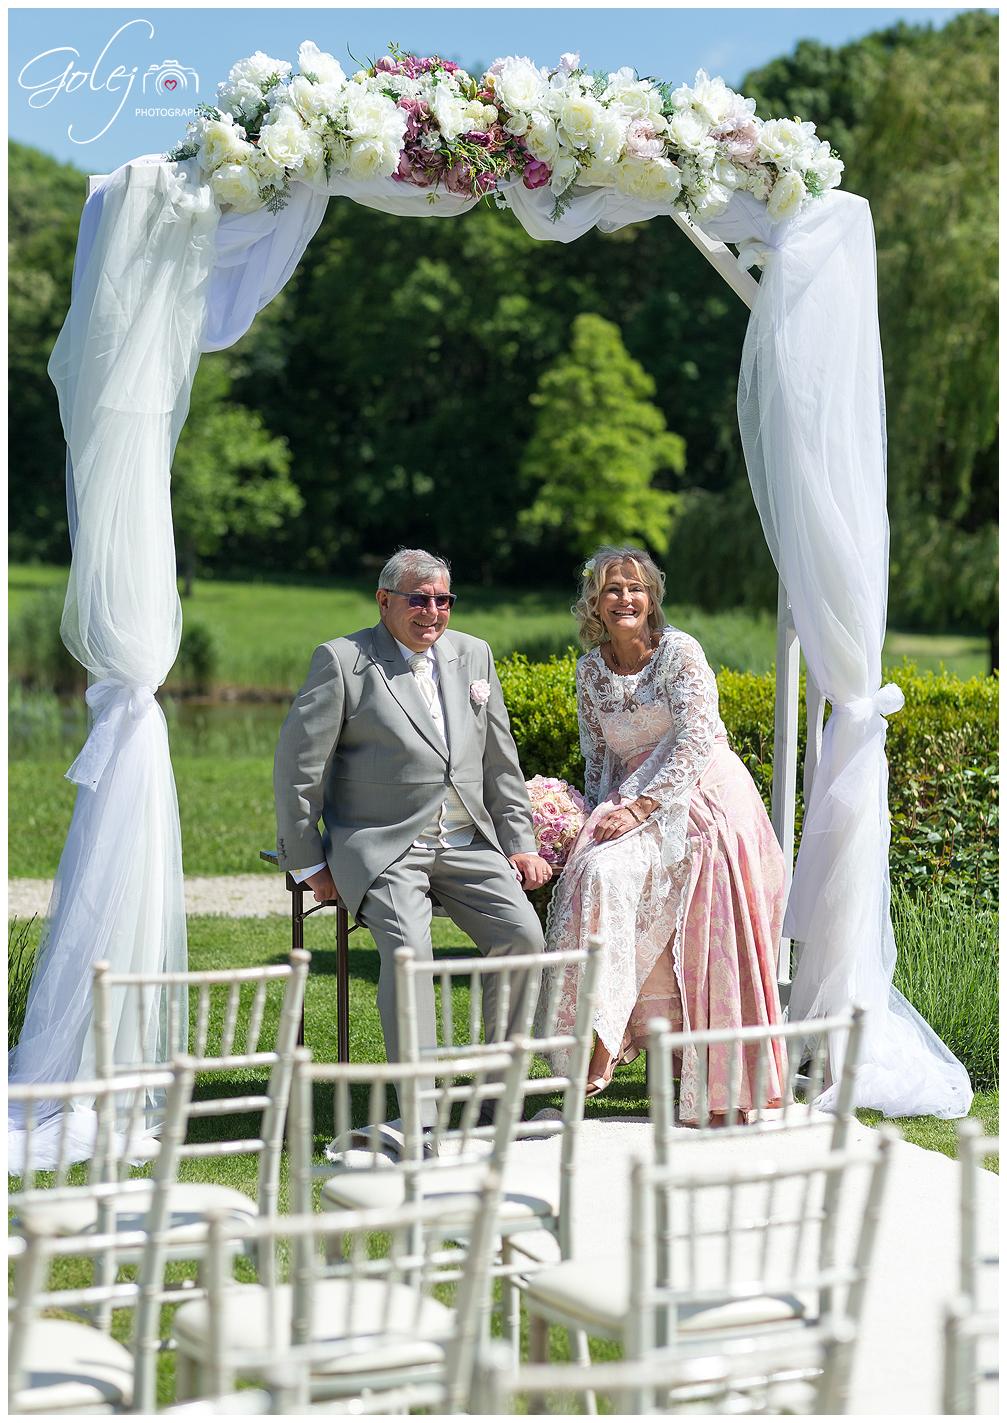 Fotenie pred svadbou